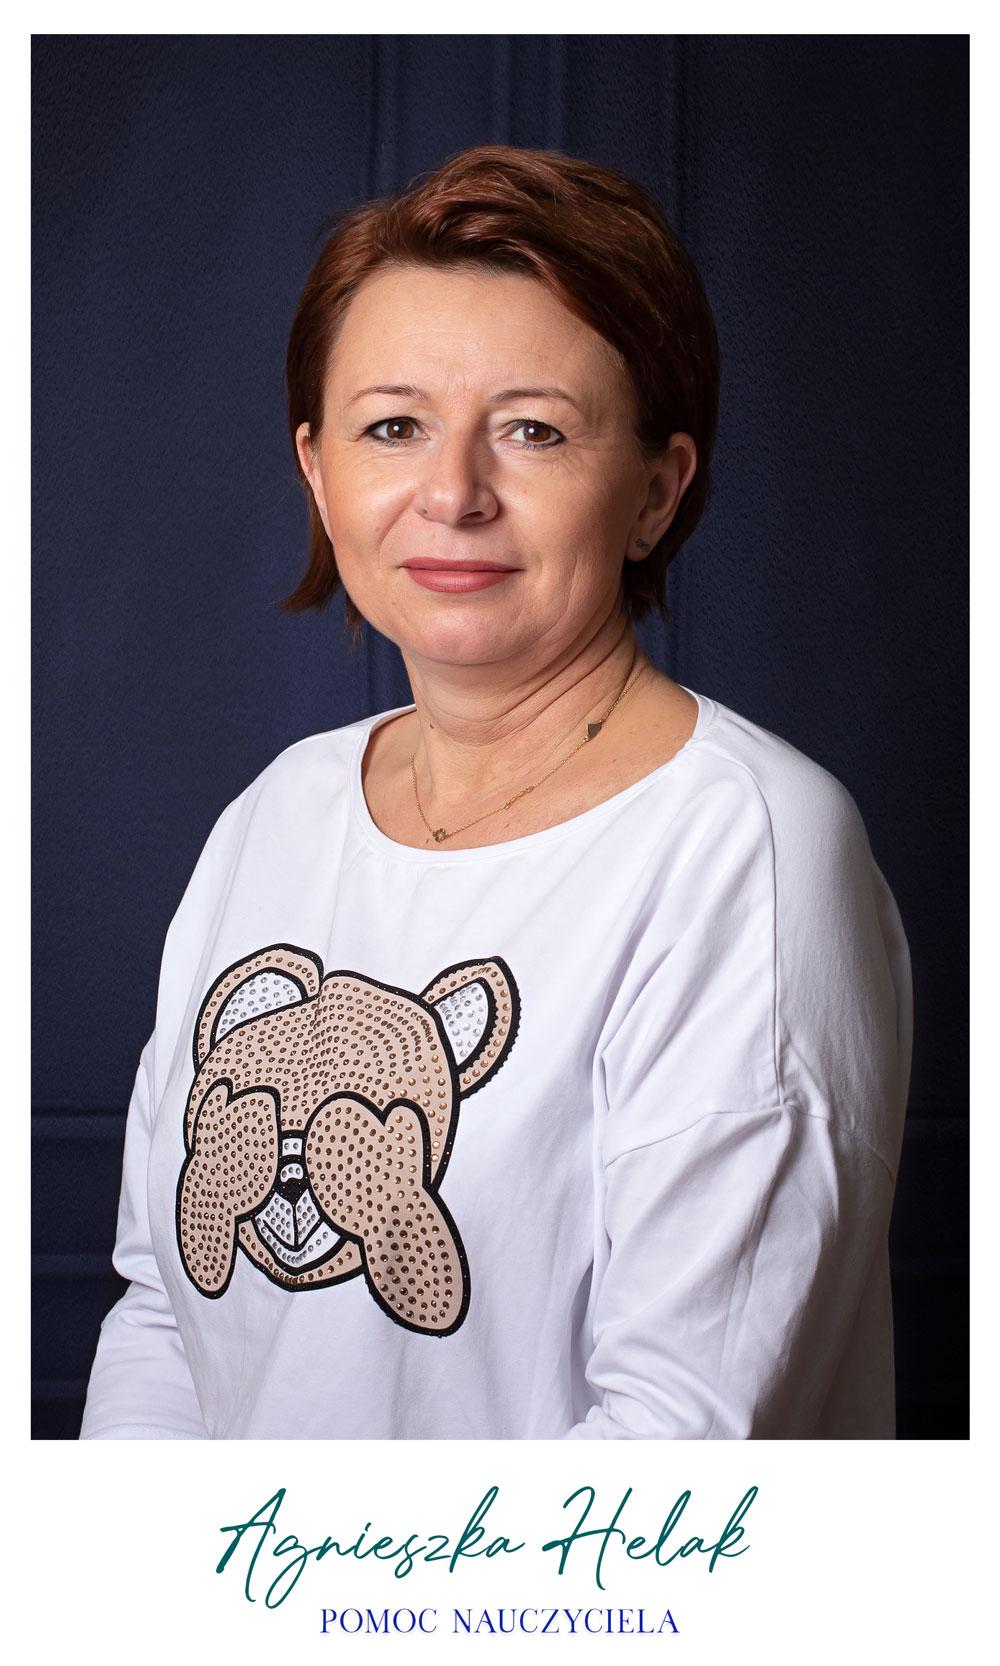 Agnieszka Helak